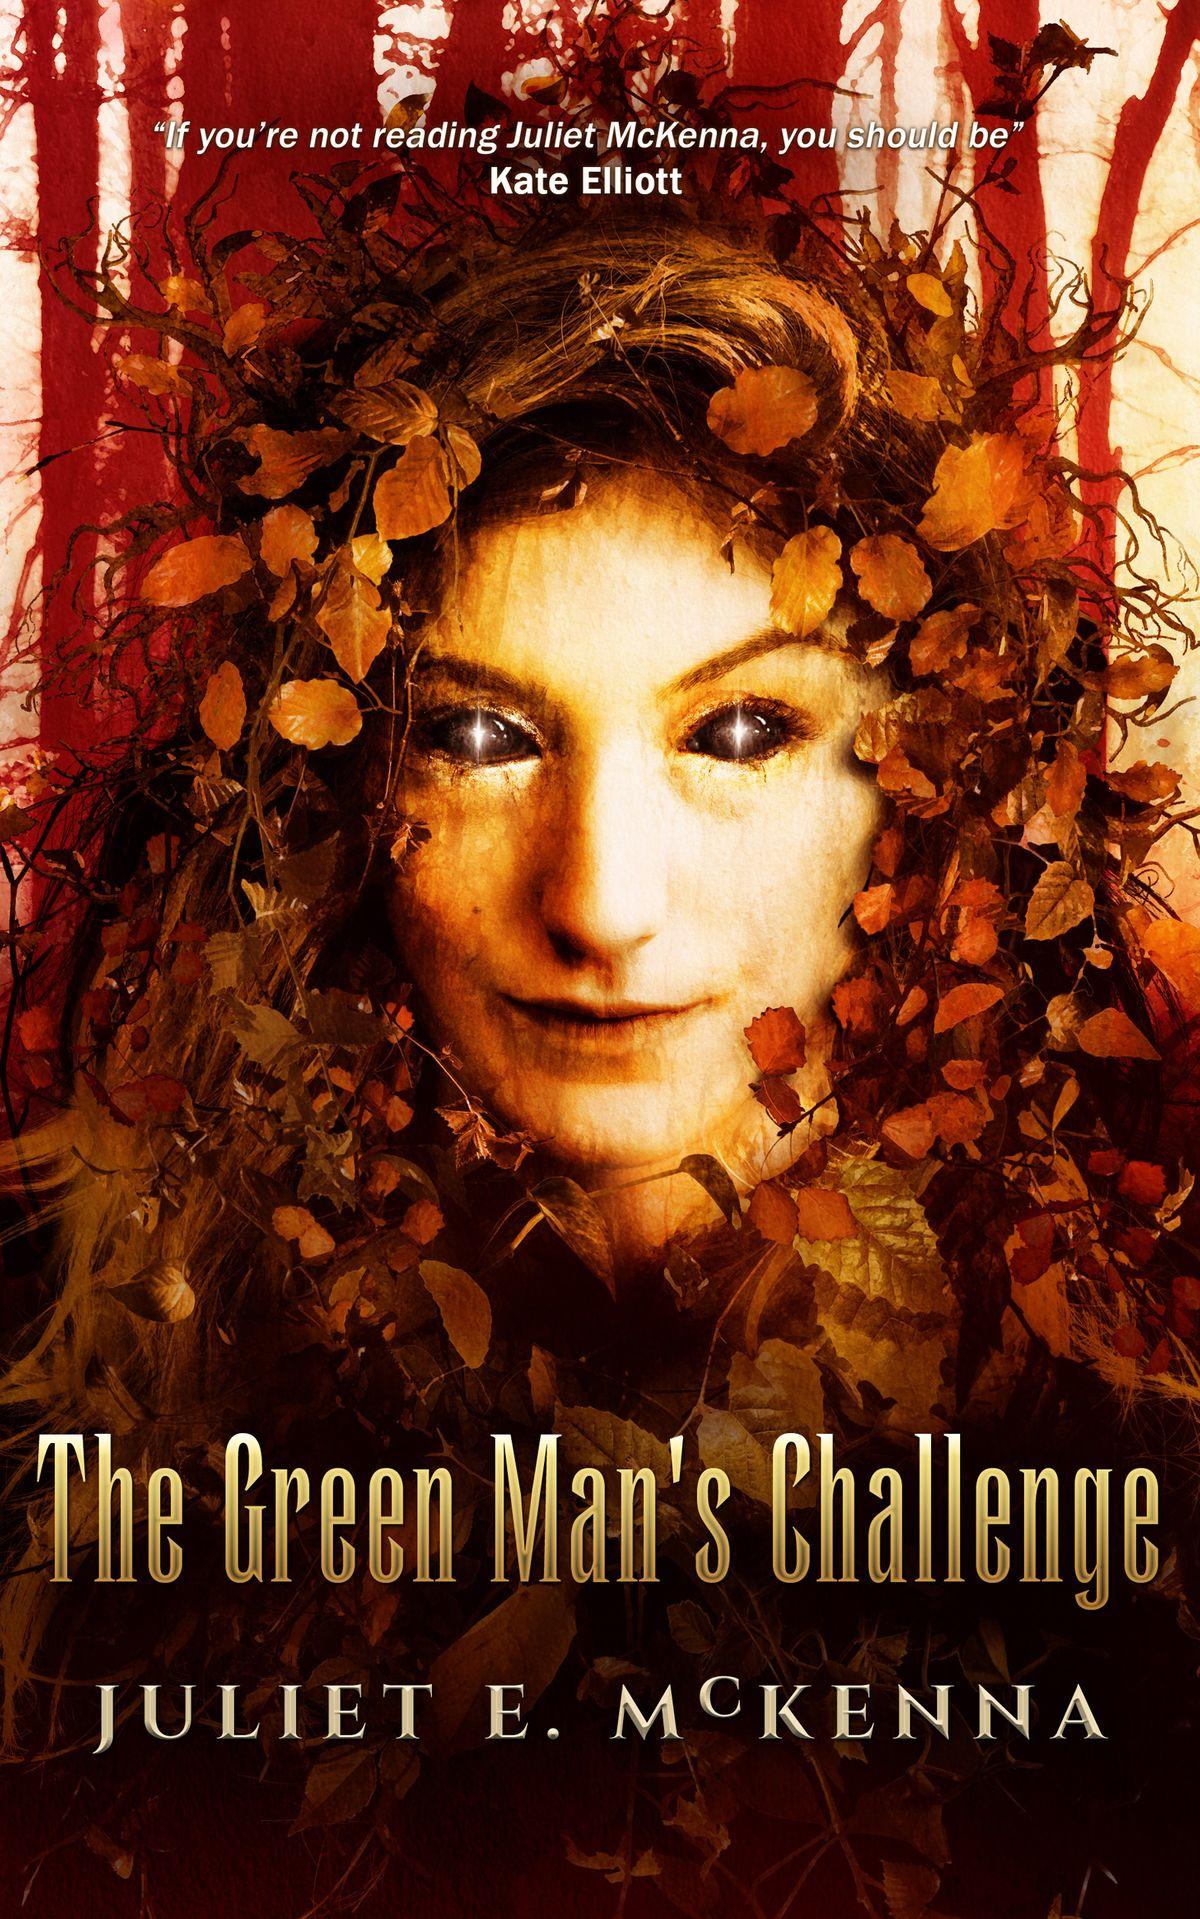 Book cover: The Green Man's Challenge - Juliet McKenna